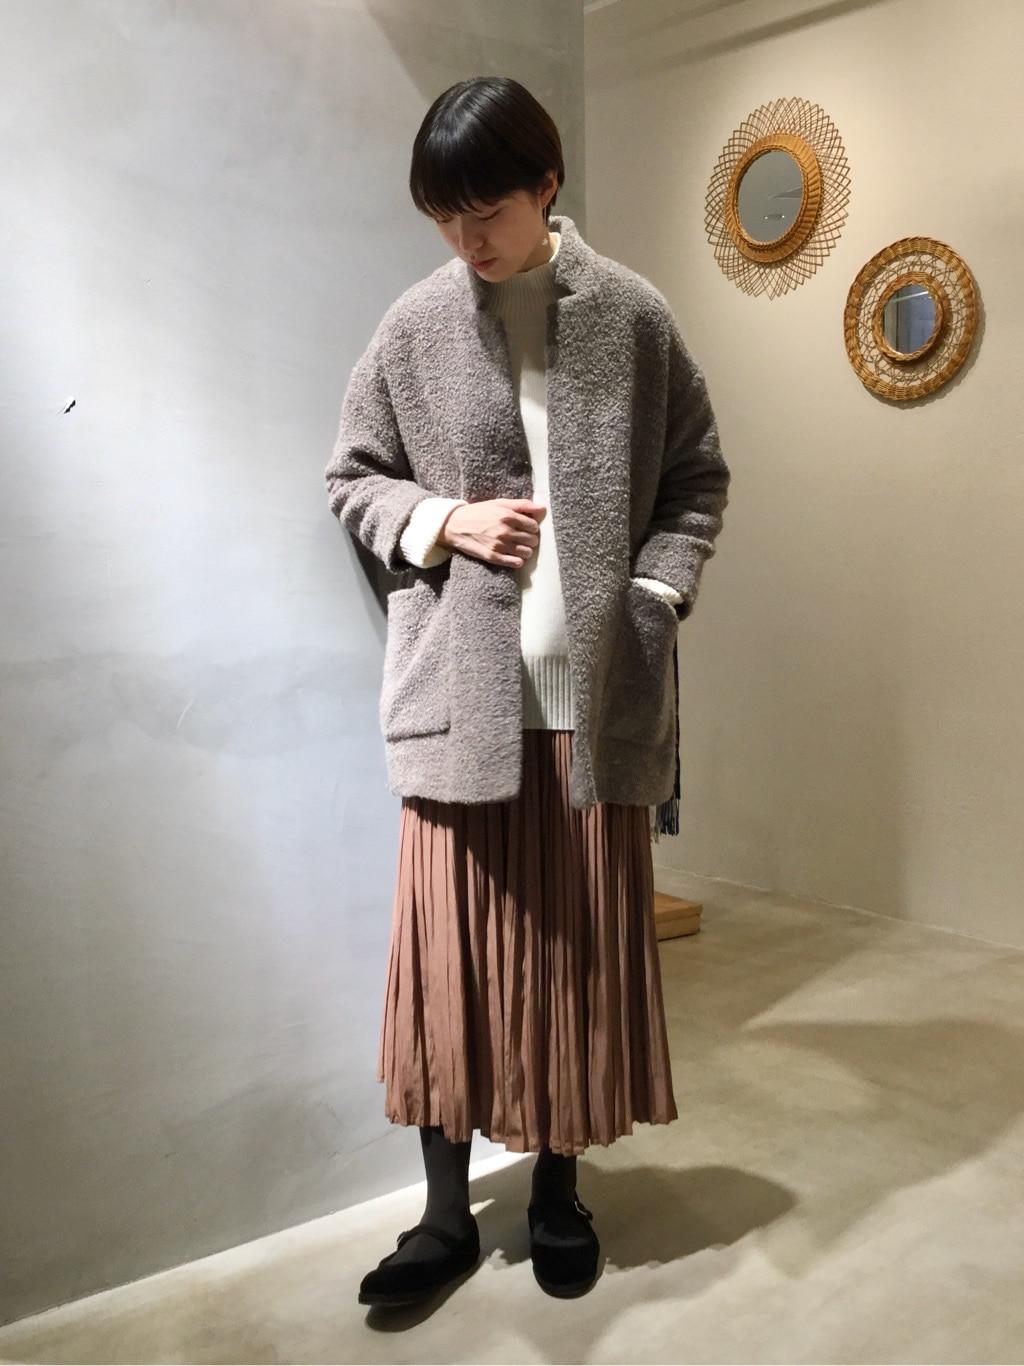 yuni ニュウマン横浜 身長:166cm 2020.12.01